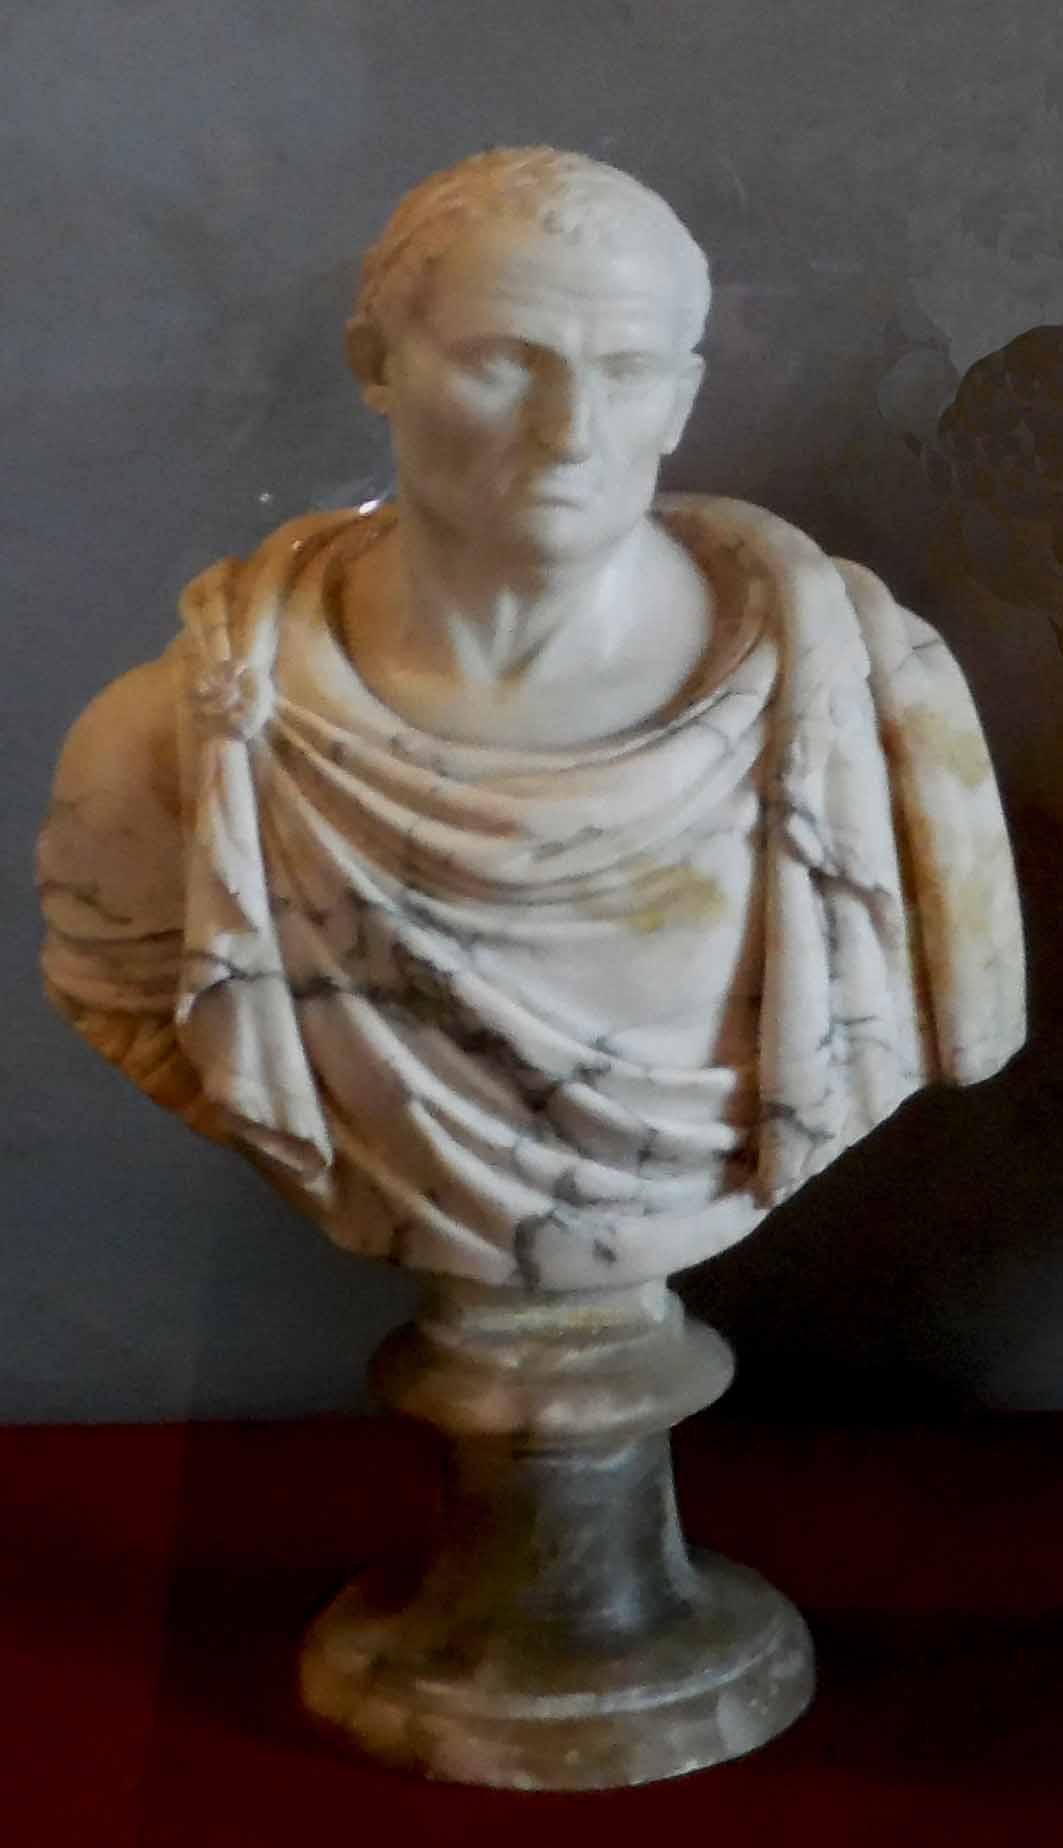 Busto ritraente figura maschile (busto) - ambito rinascimentale (XVI)